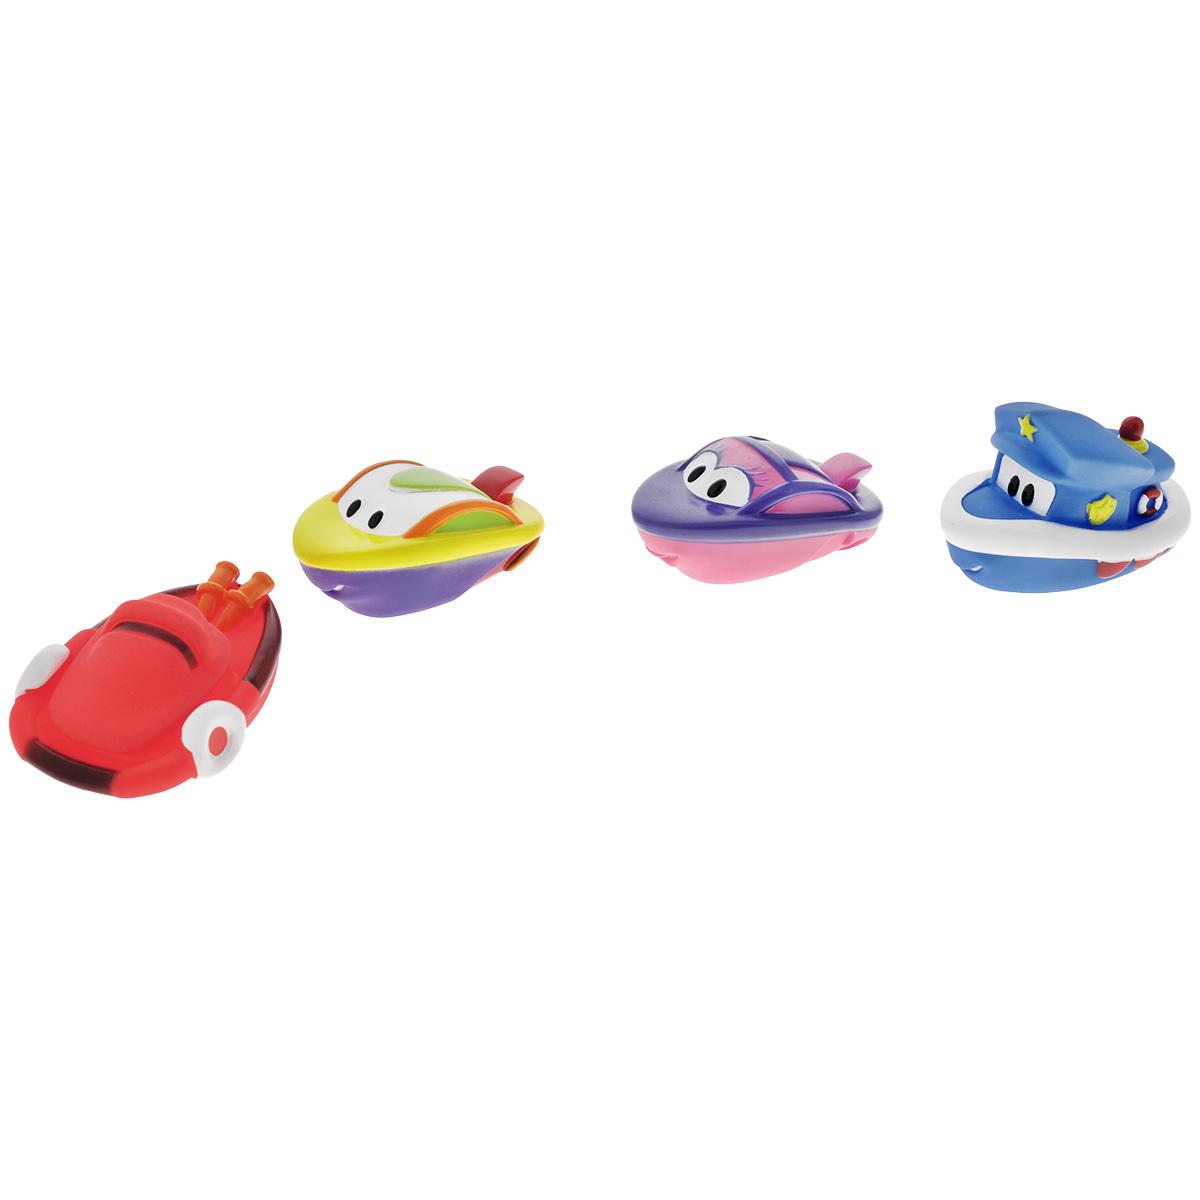 Игровой набор для ванны Mioshi Катерочки, 4 шт игрушки для ванны tolo toys набор ведерок квадратные